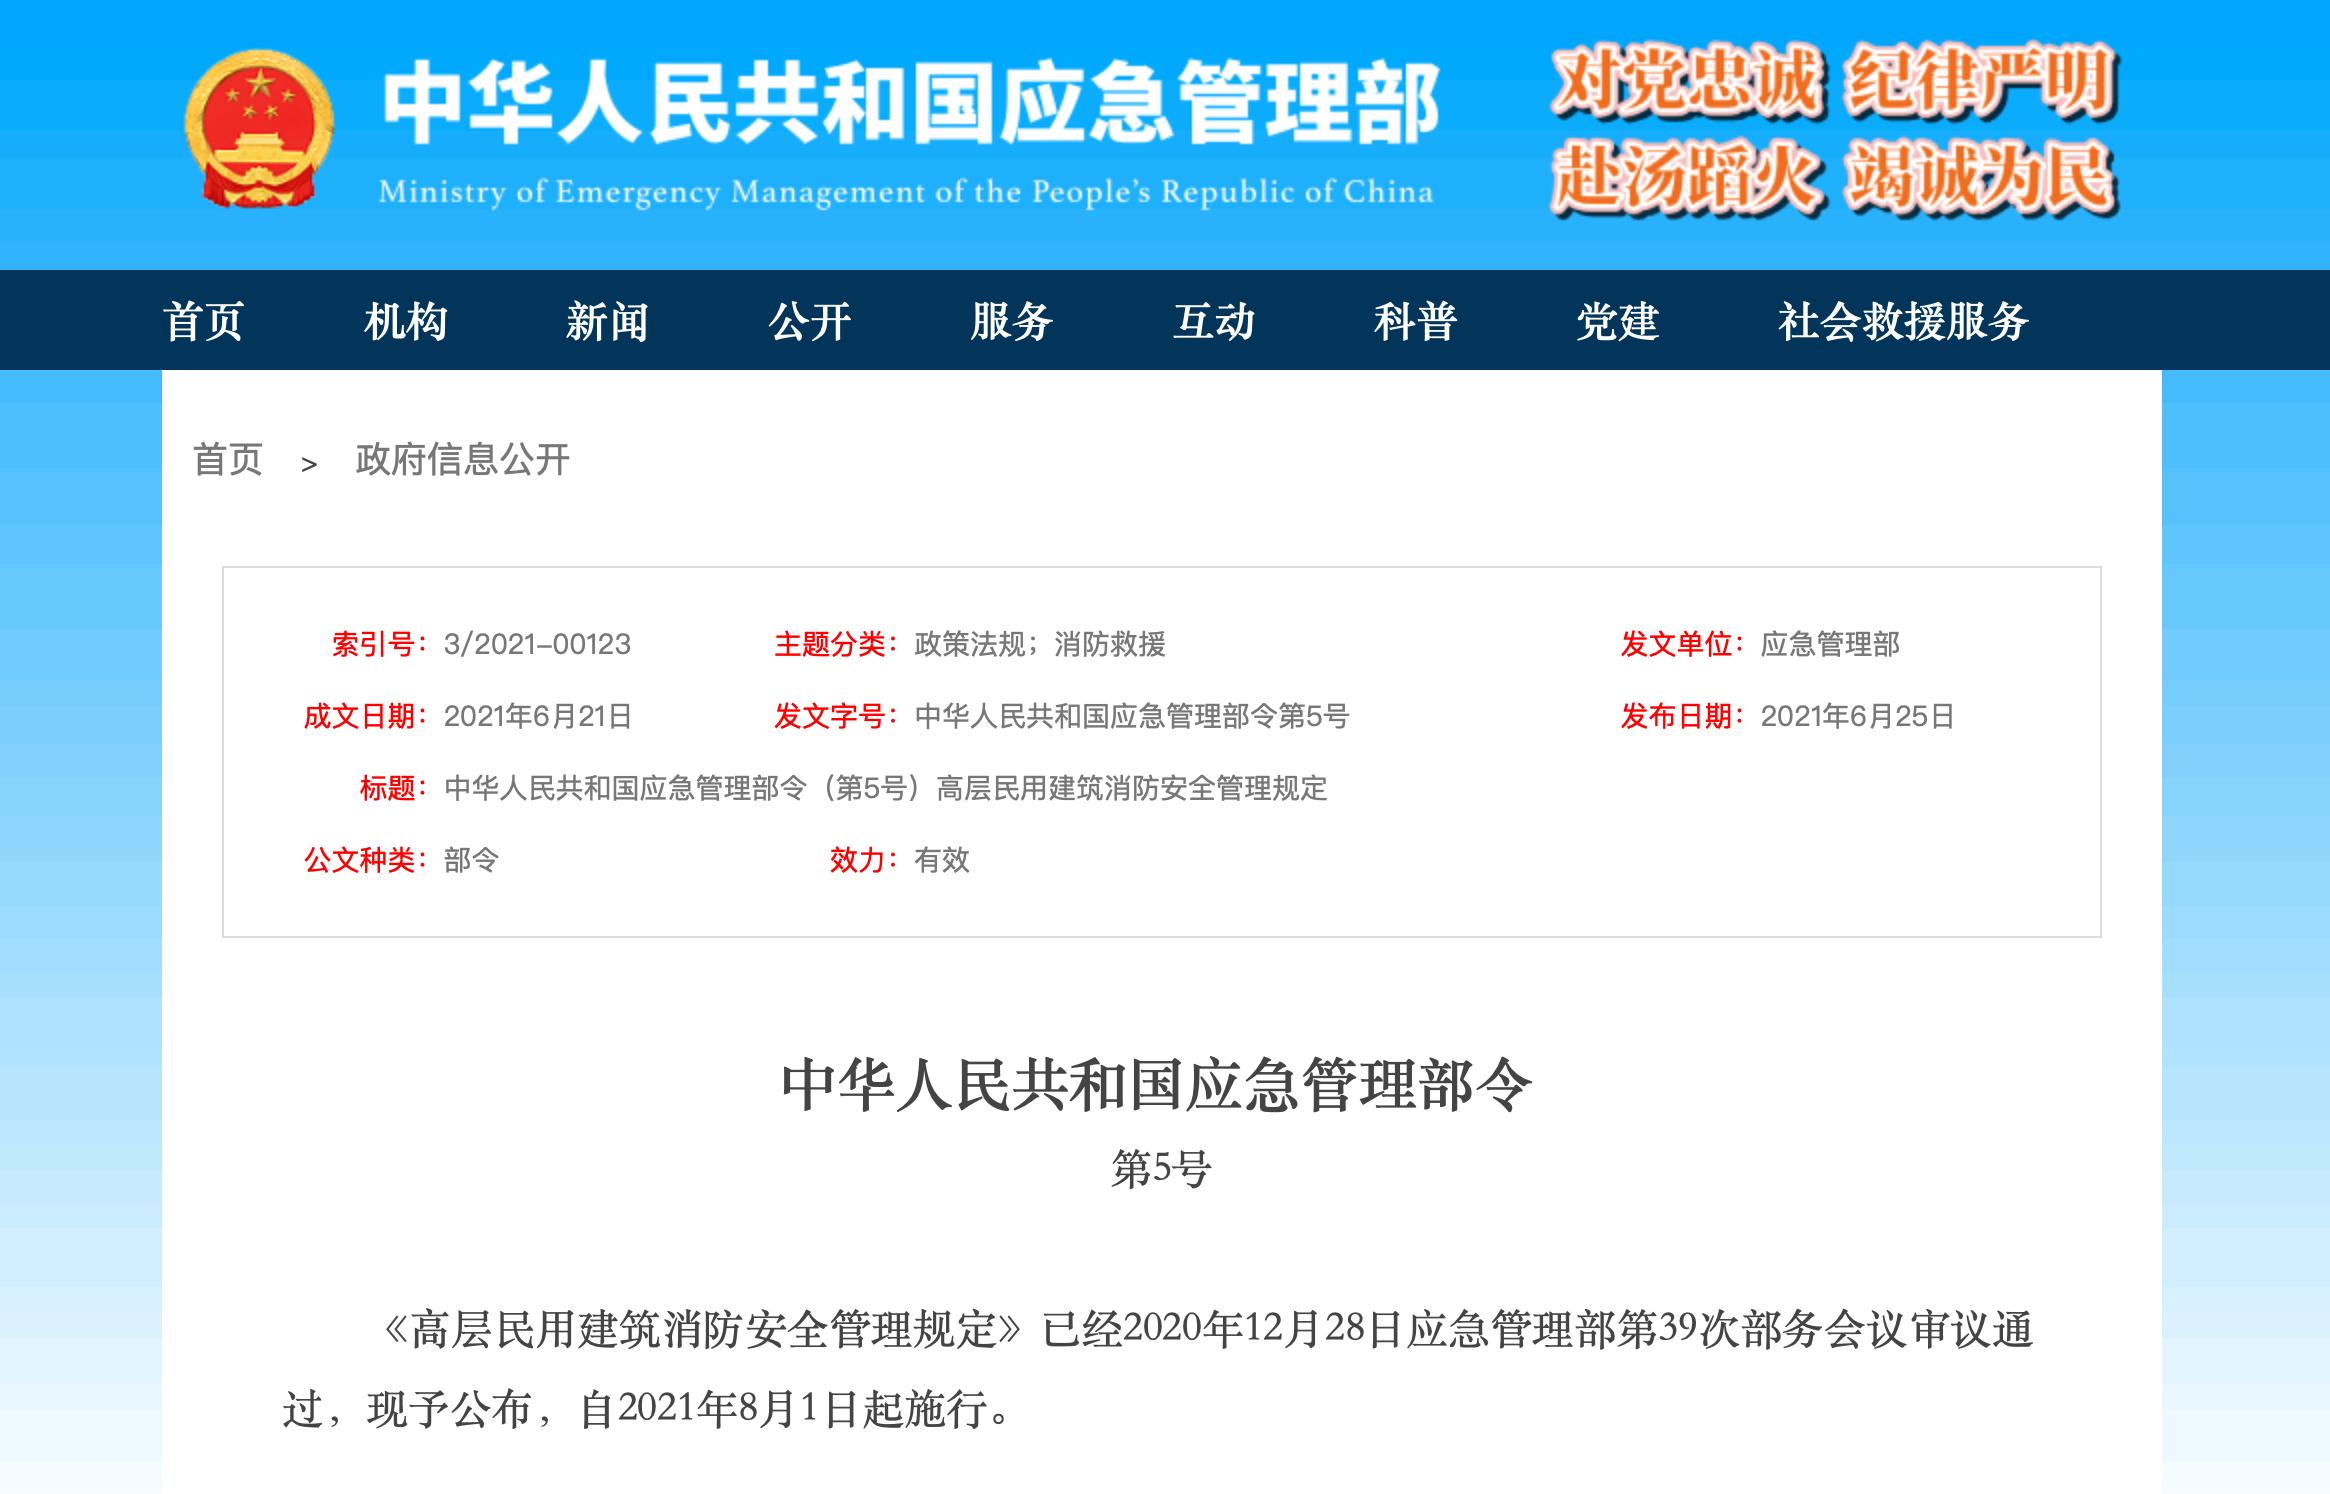 8月1日起,楼道内禁止停放电瓶车!违者罚款,最高1万